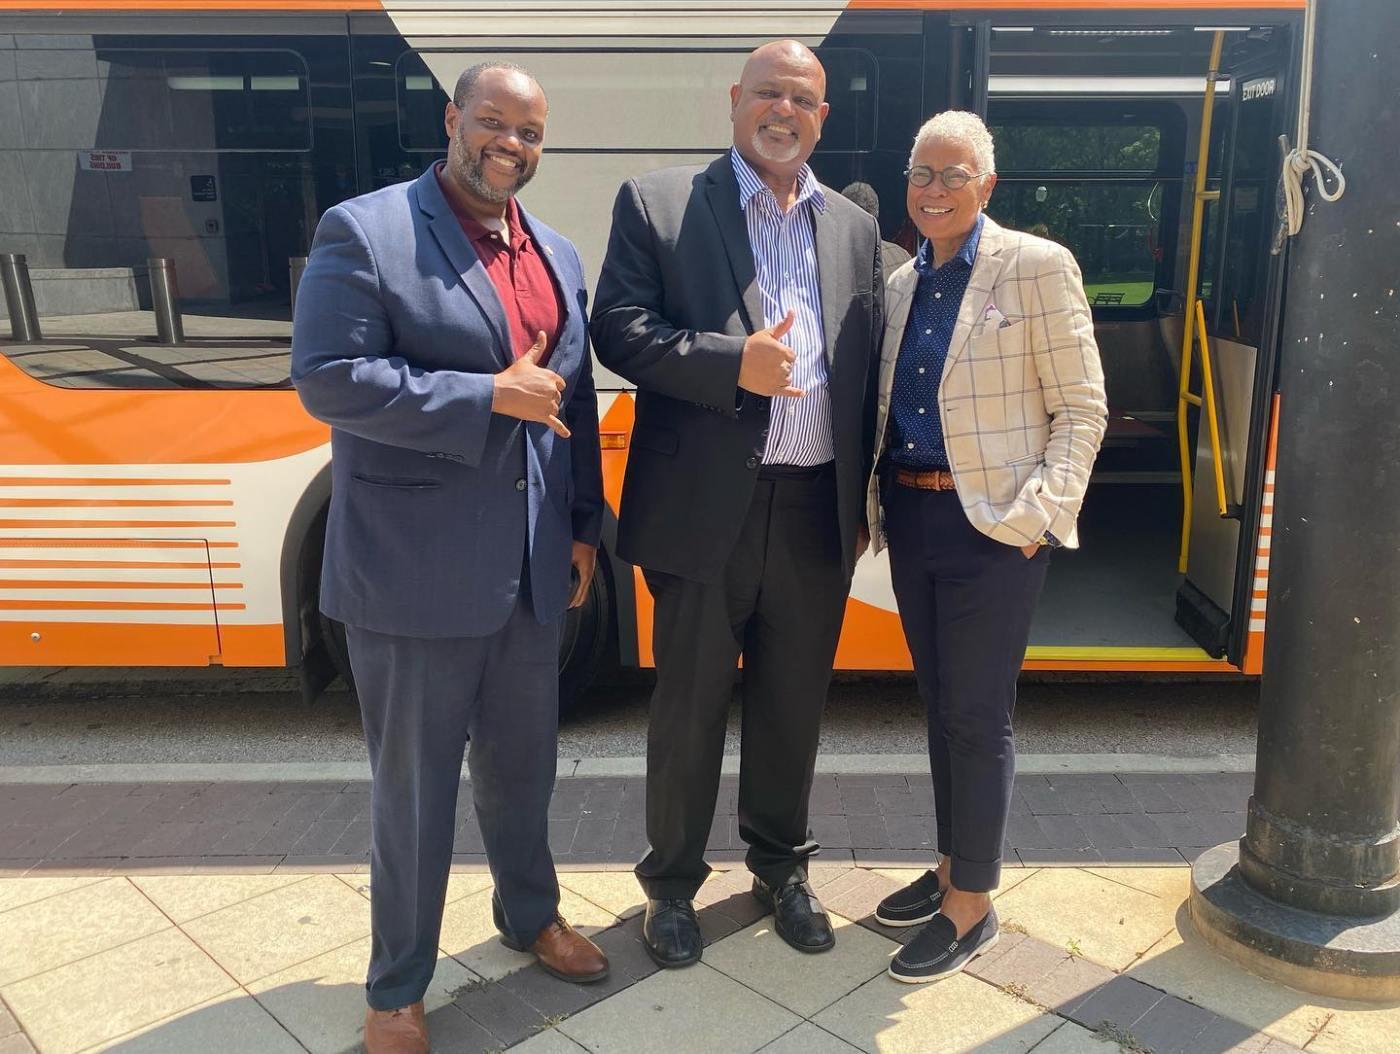 Councilor Hoyt visited the Birmingham Rapid Transit bus today.  Photo via Birmingham City